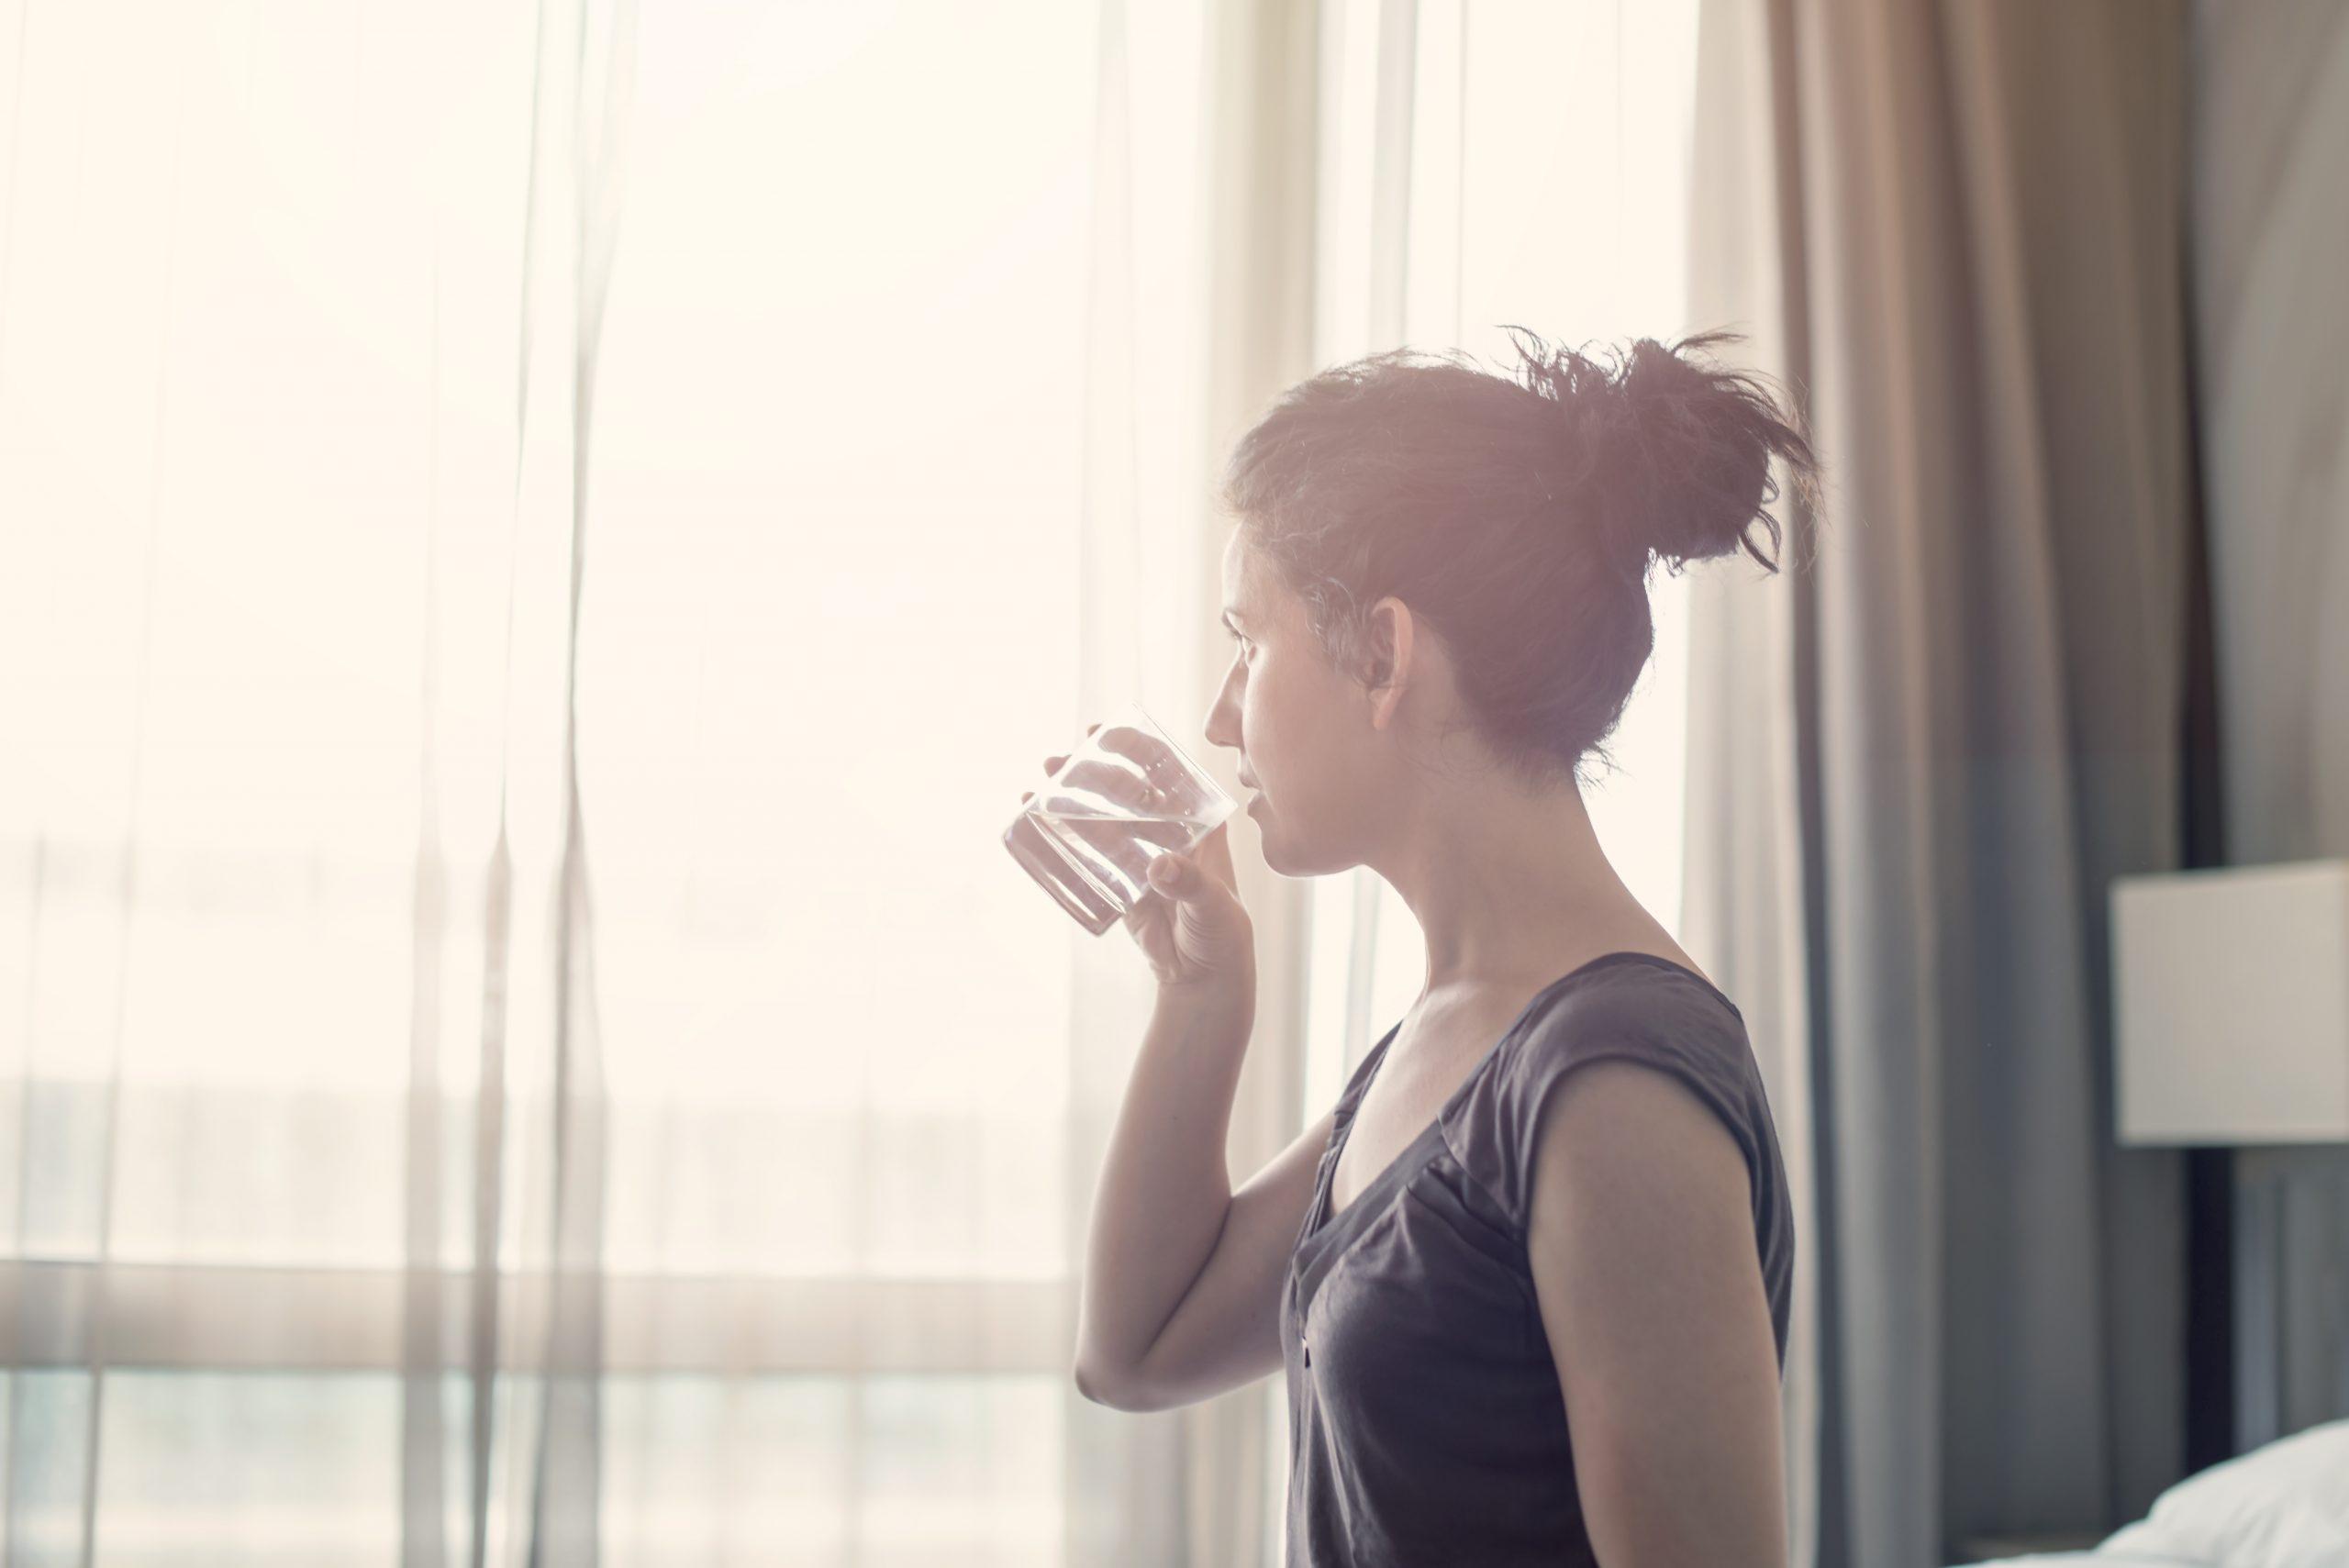 Une femme regarde par la fenêtre et boit un verre d'eau.